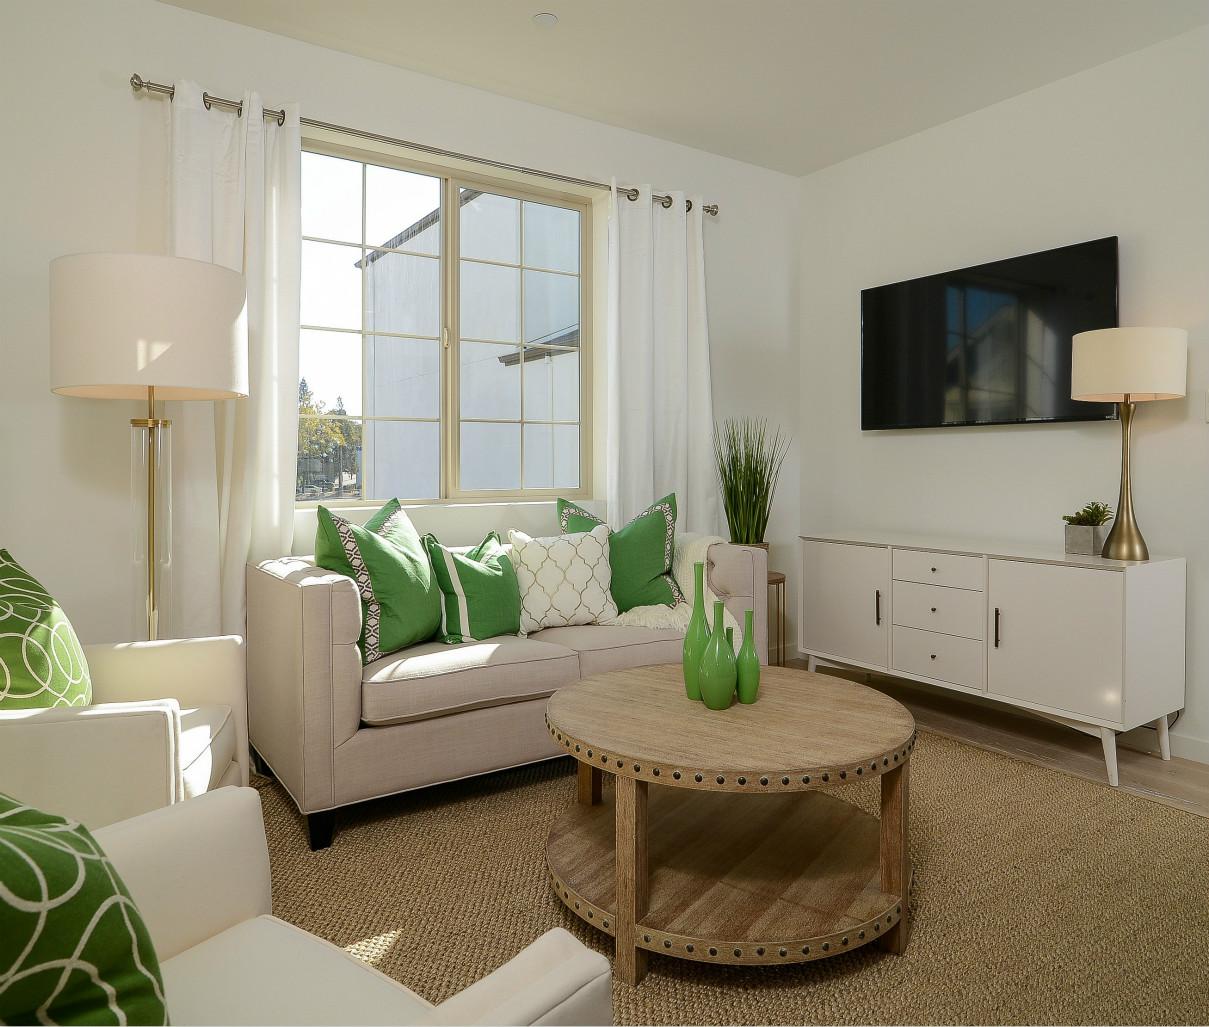 客厅,米白色的布艺沙发、沙发经典美式风格搭配,整个空间简约大气。